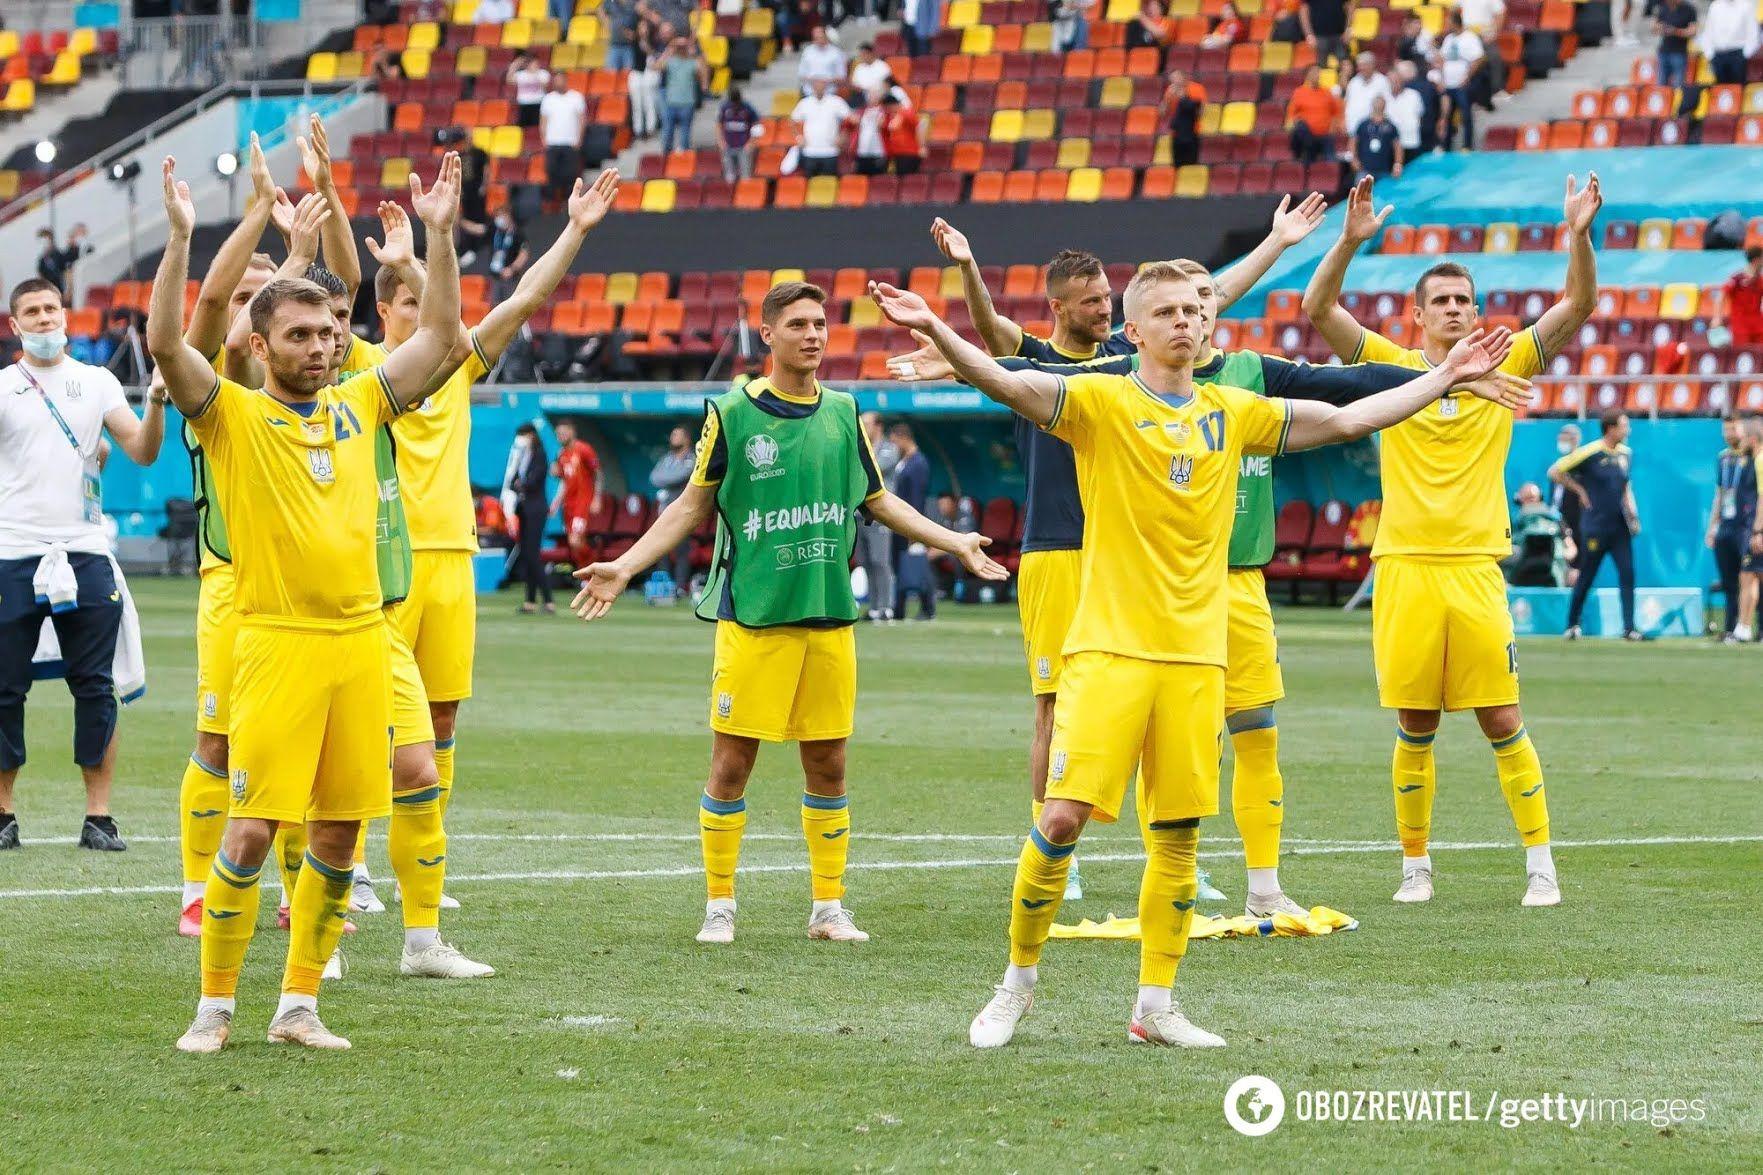 Збірна України святкує перемогу на Євро-2020.